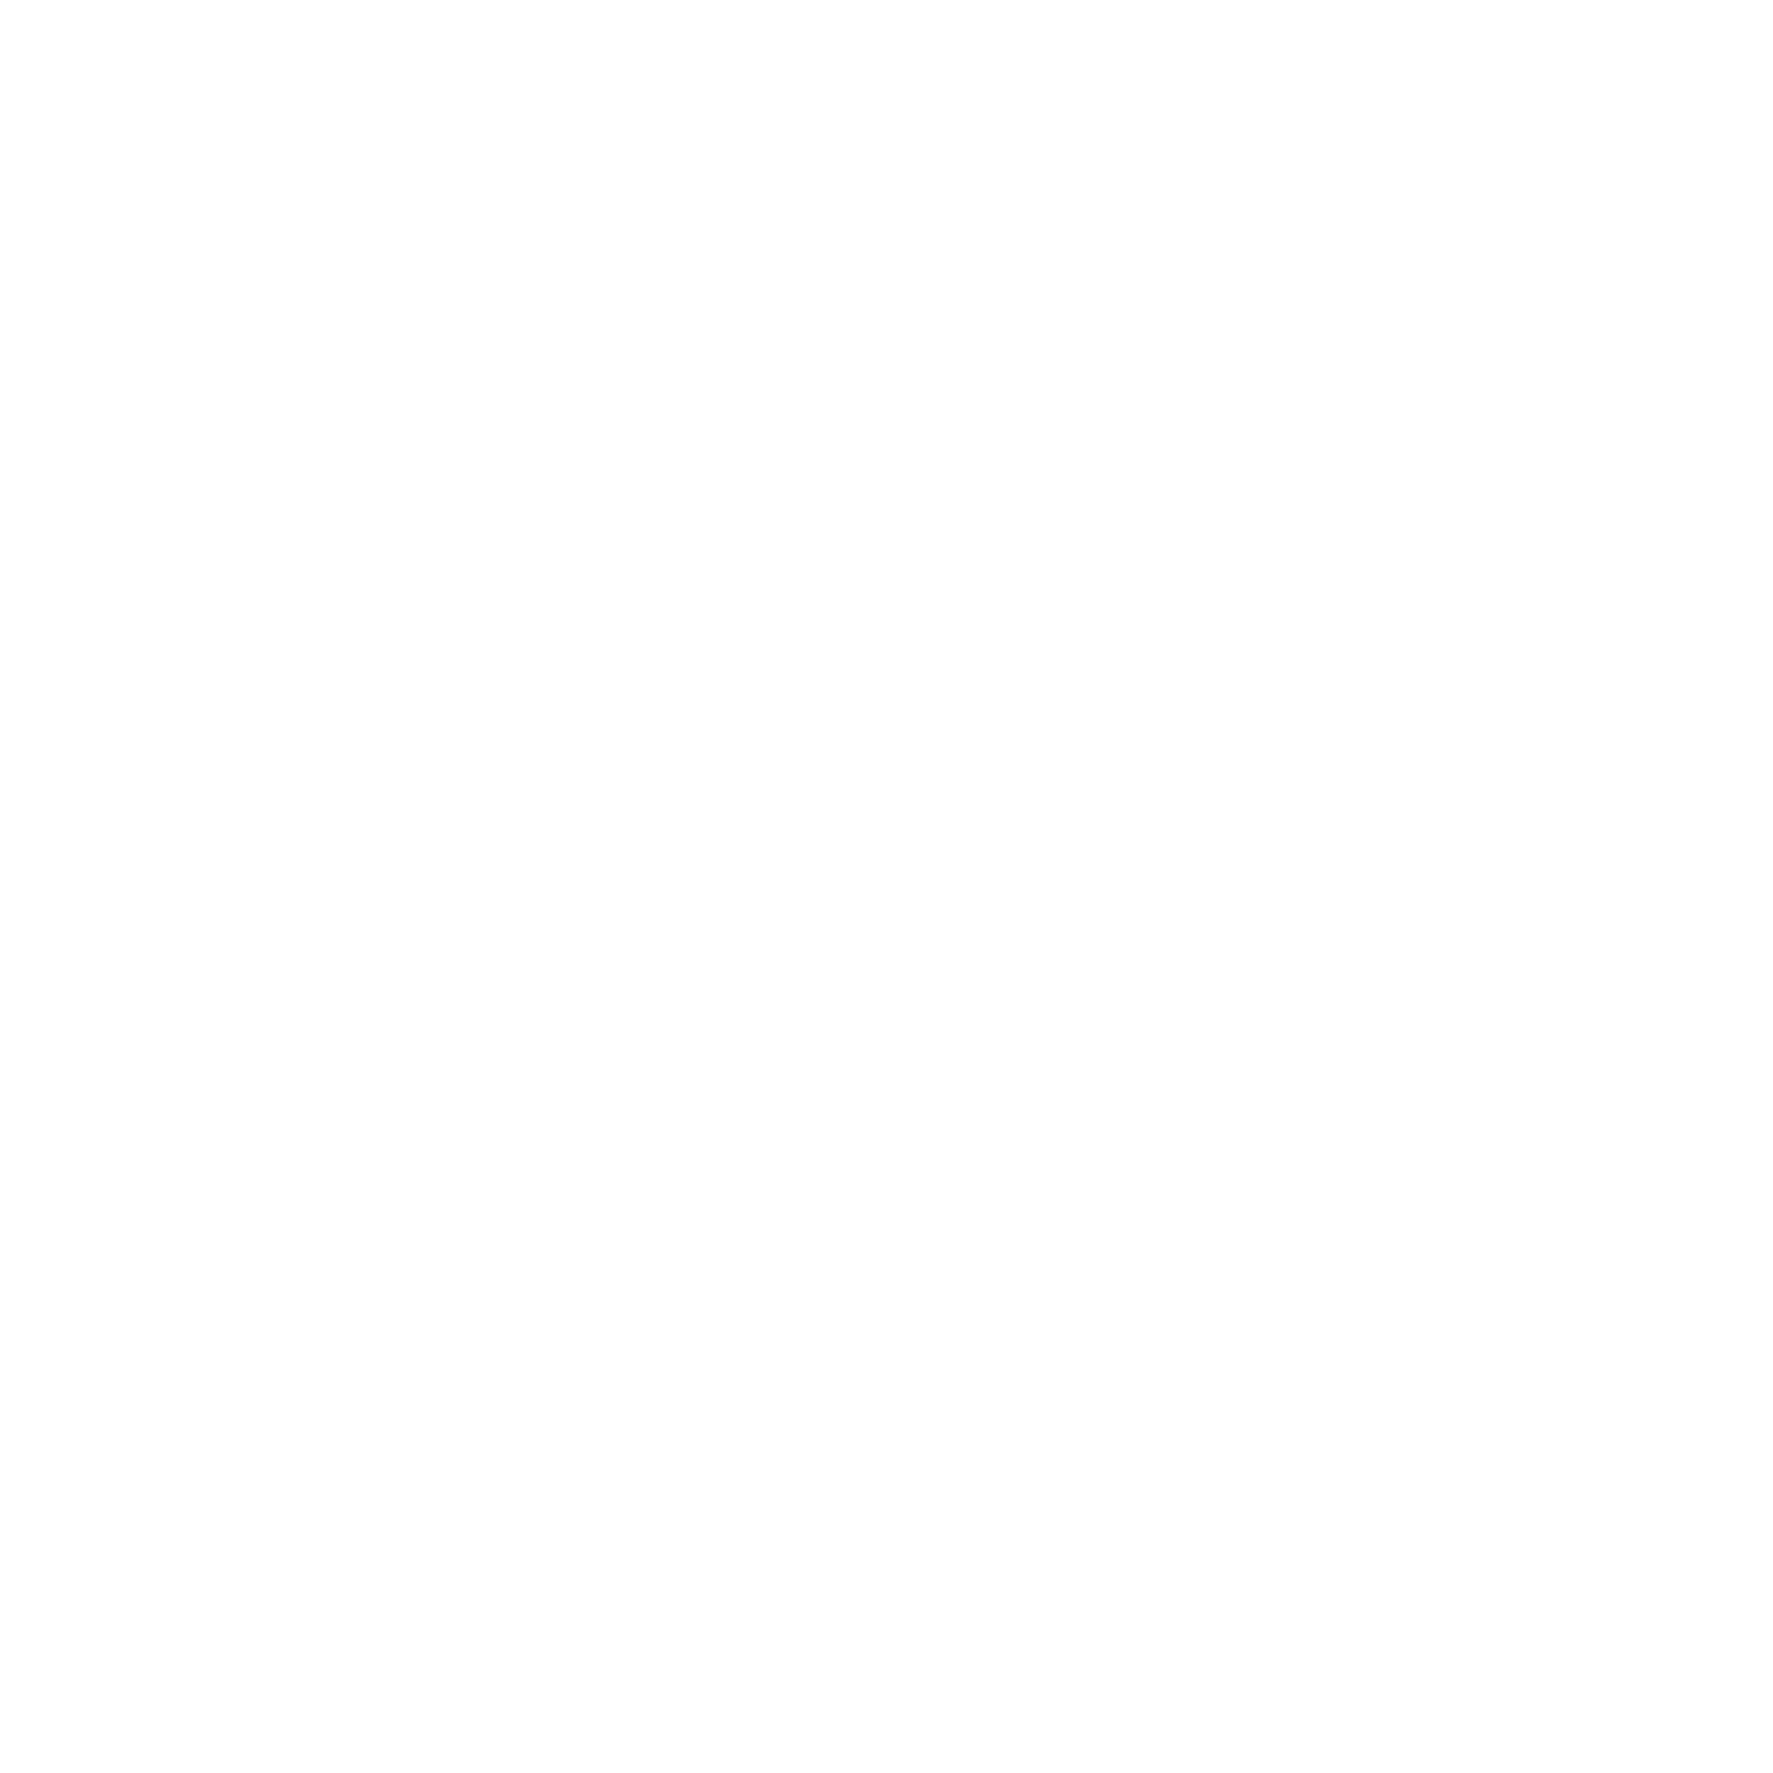 schage_logo_white_symbol-positiv